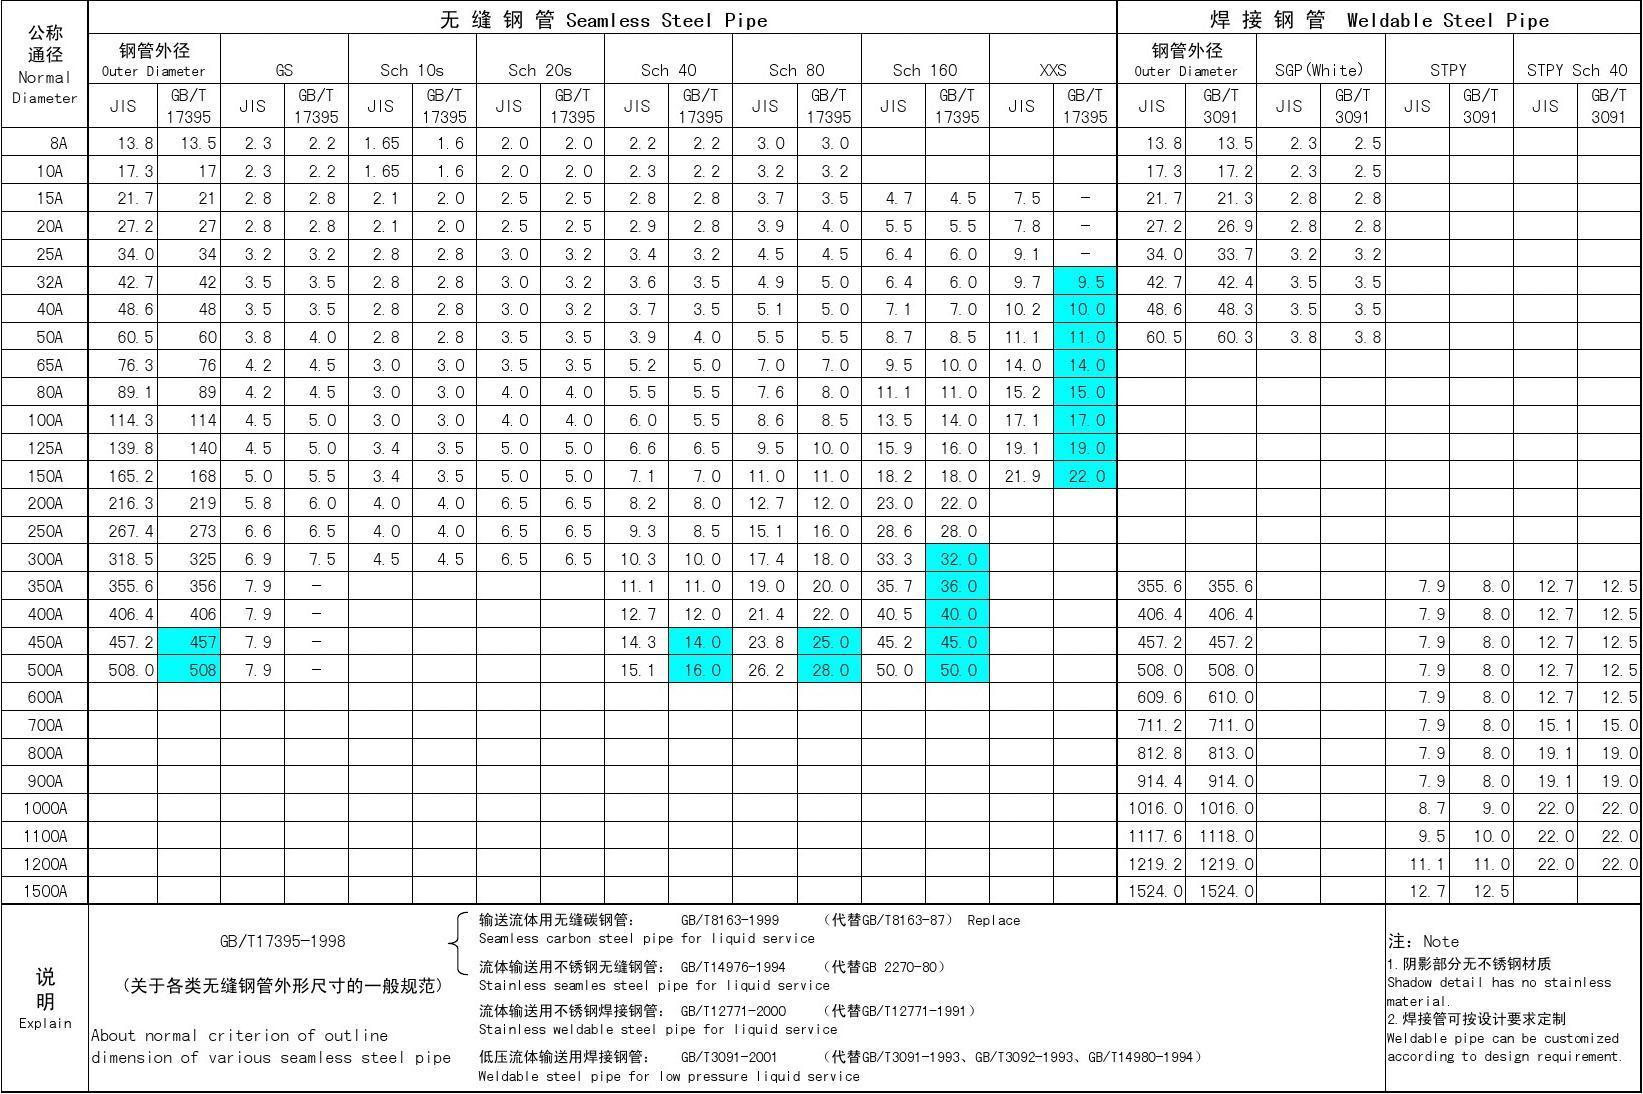 中日钢管规格对照表